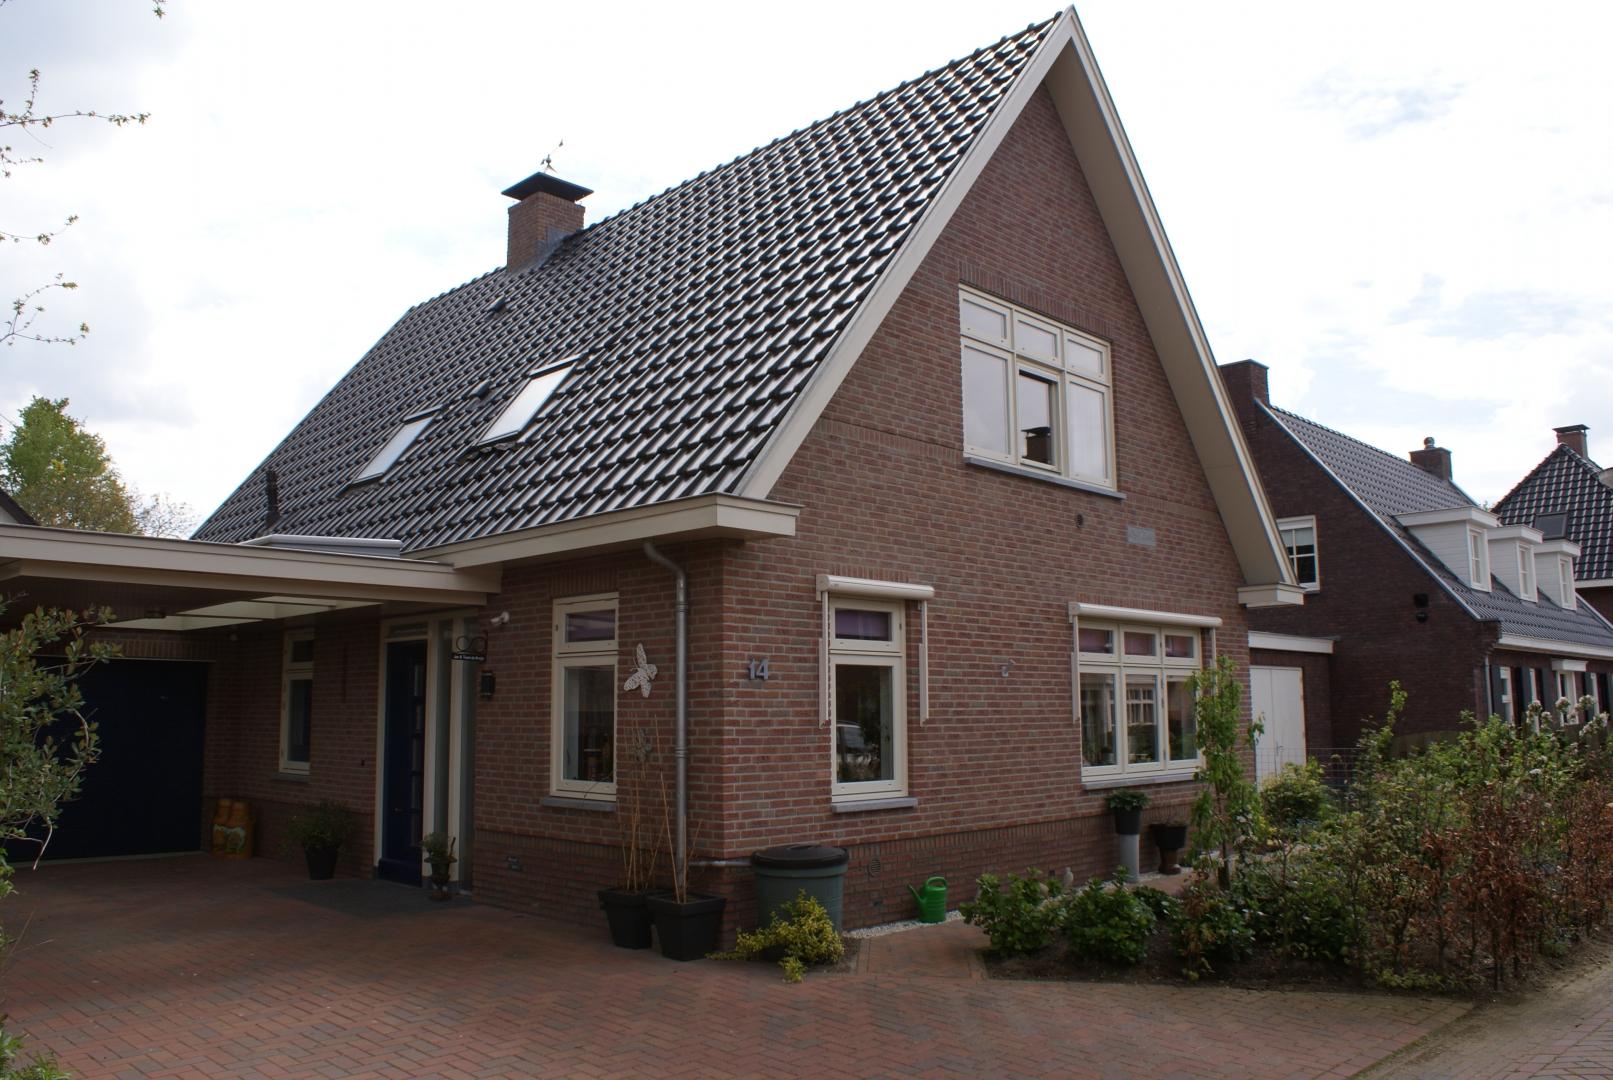 Nieuwbouw vrijstaand woonhuis aan de Akkermaalshout in Ermelo